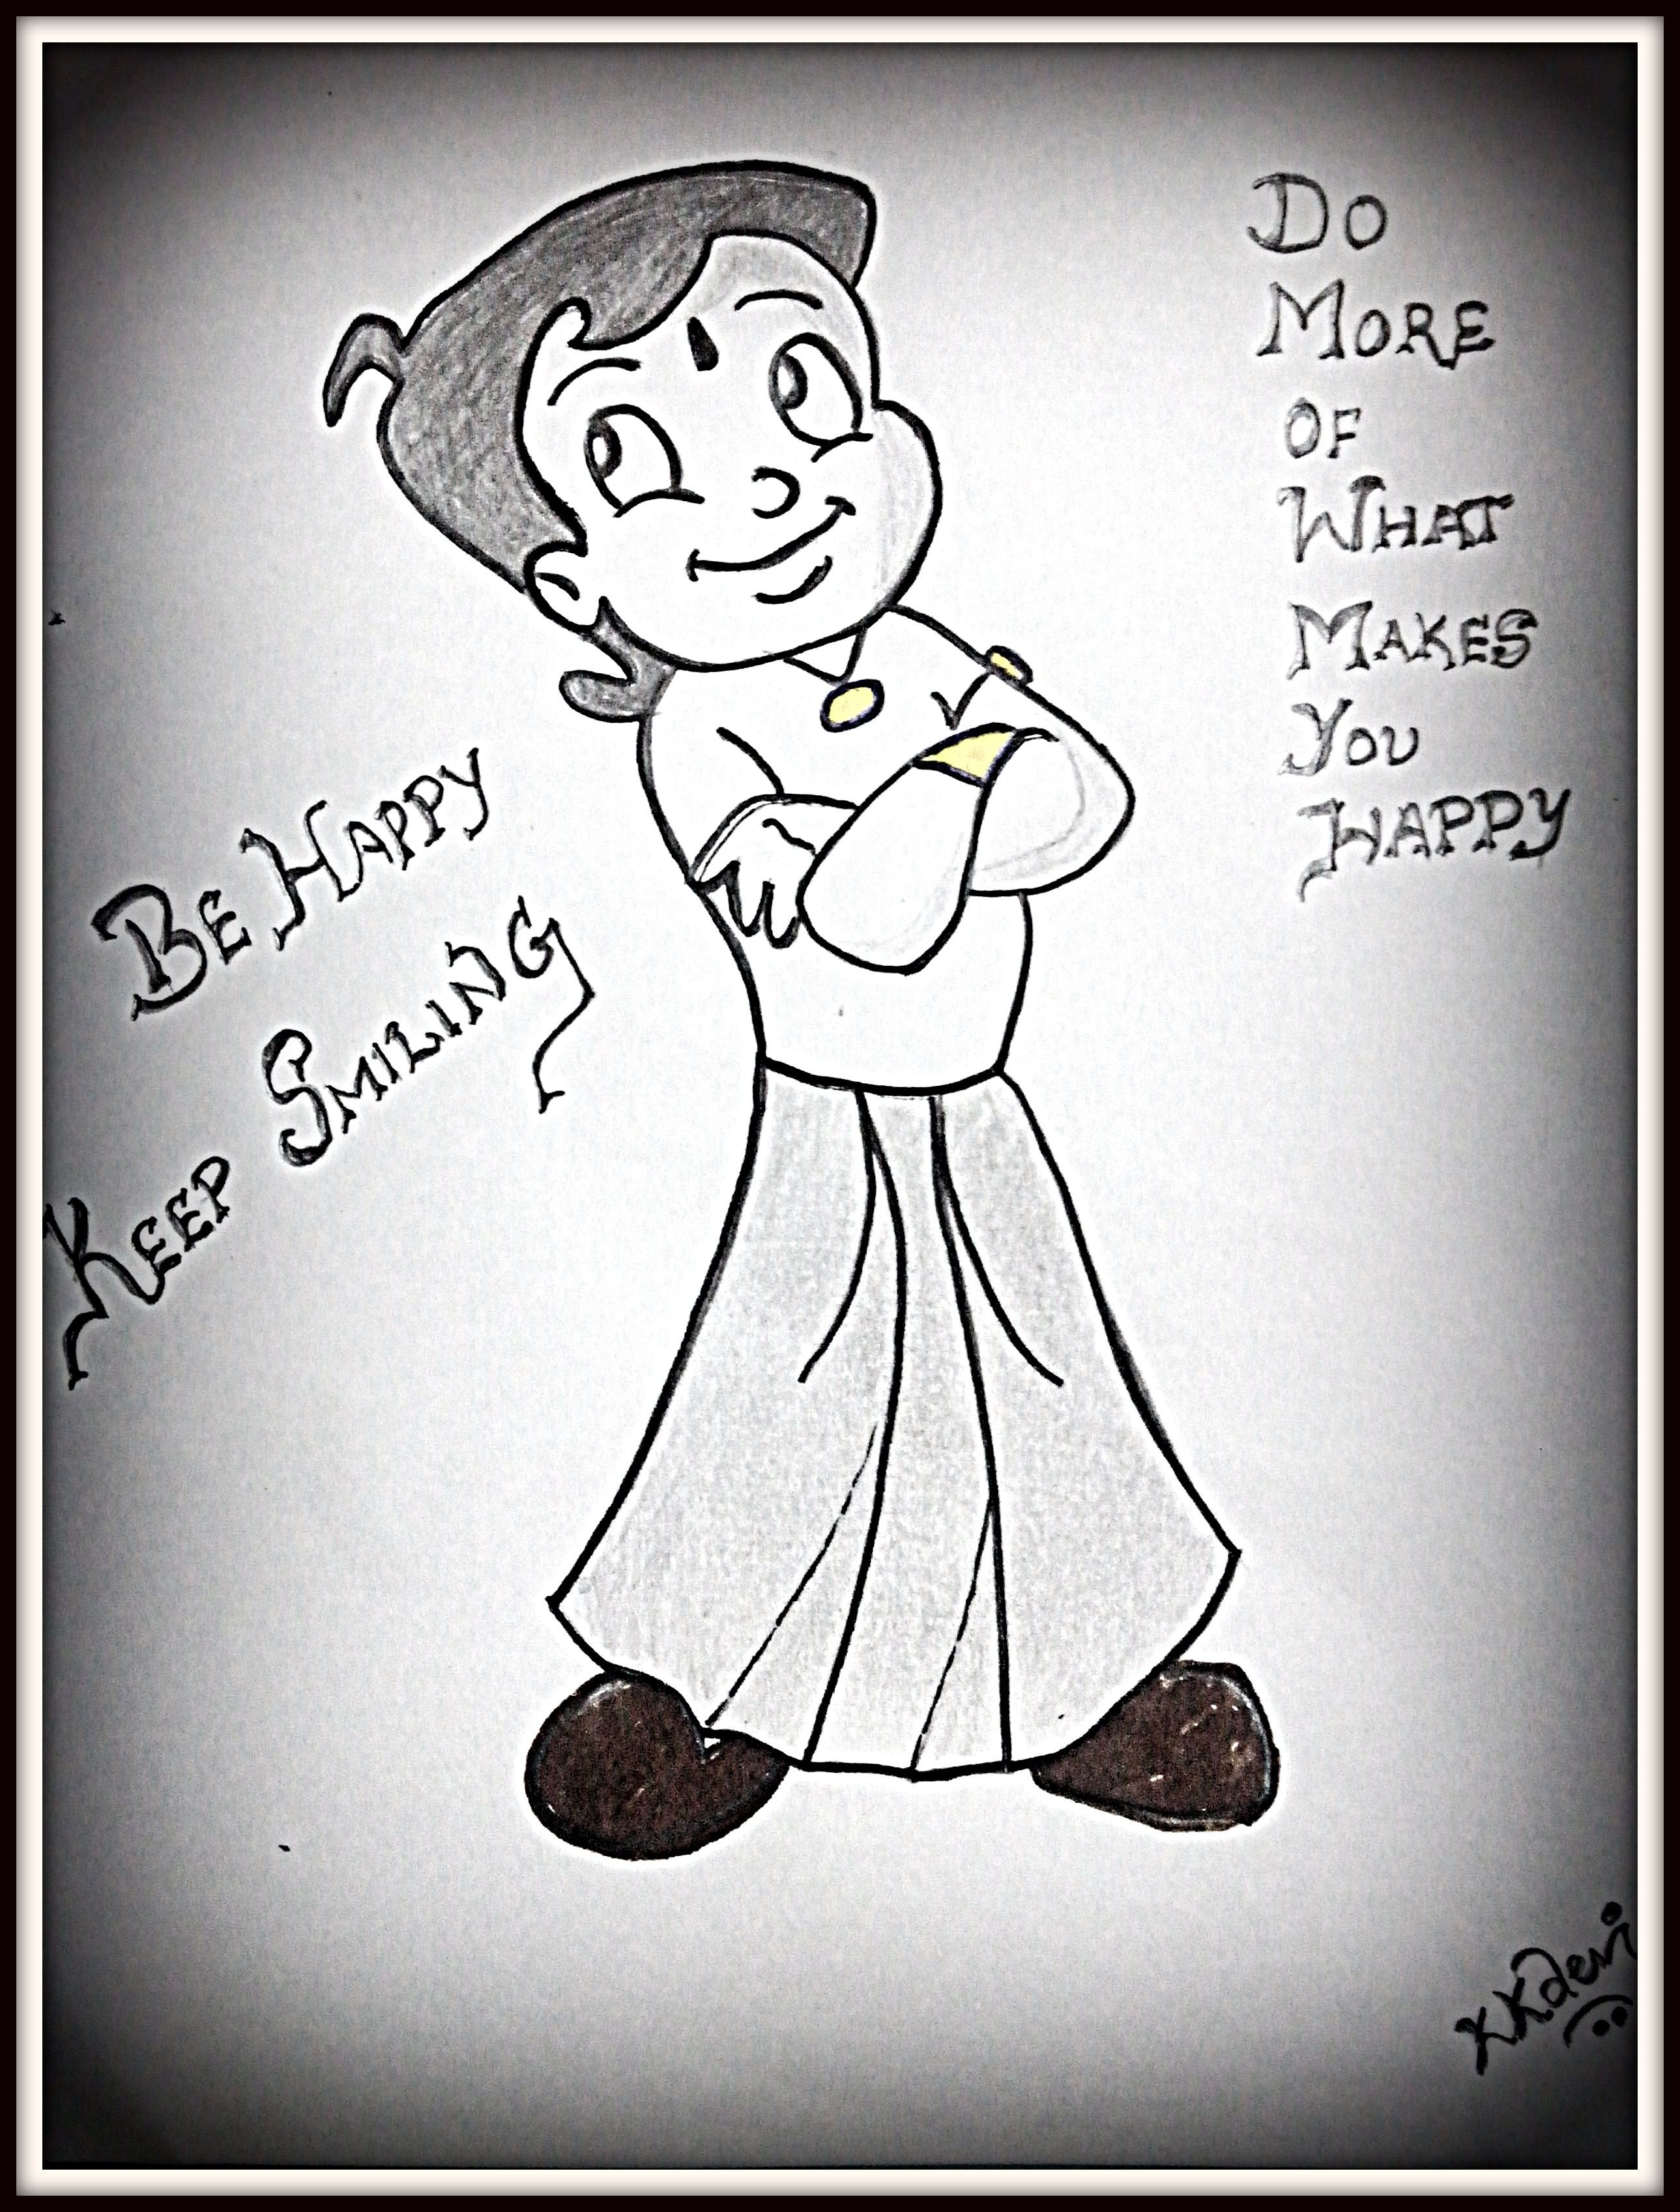 Chota bheem my drawings drawings cartoon art